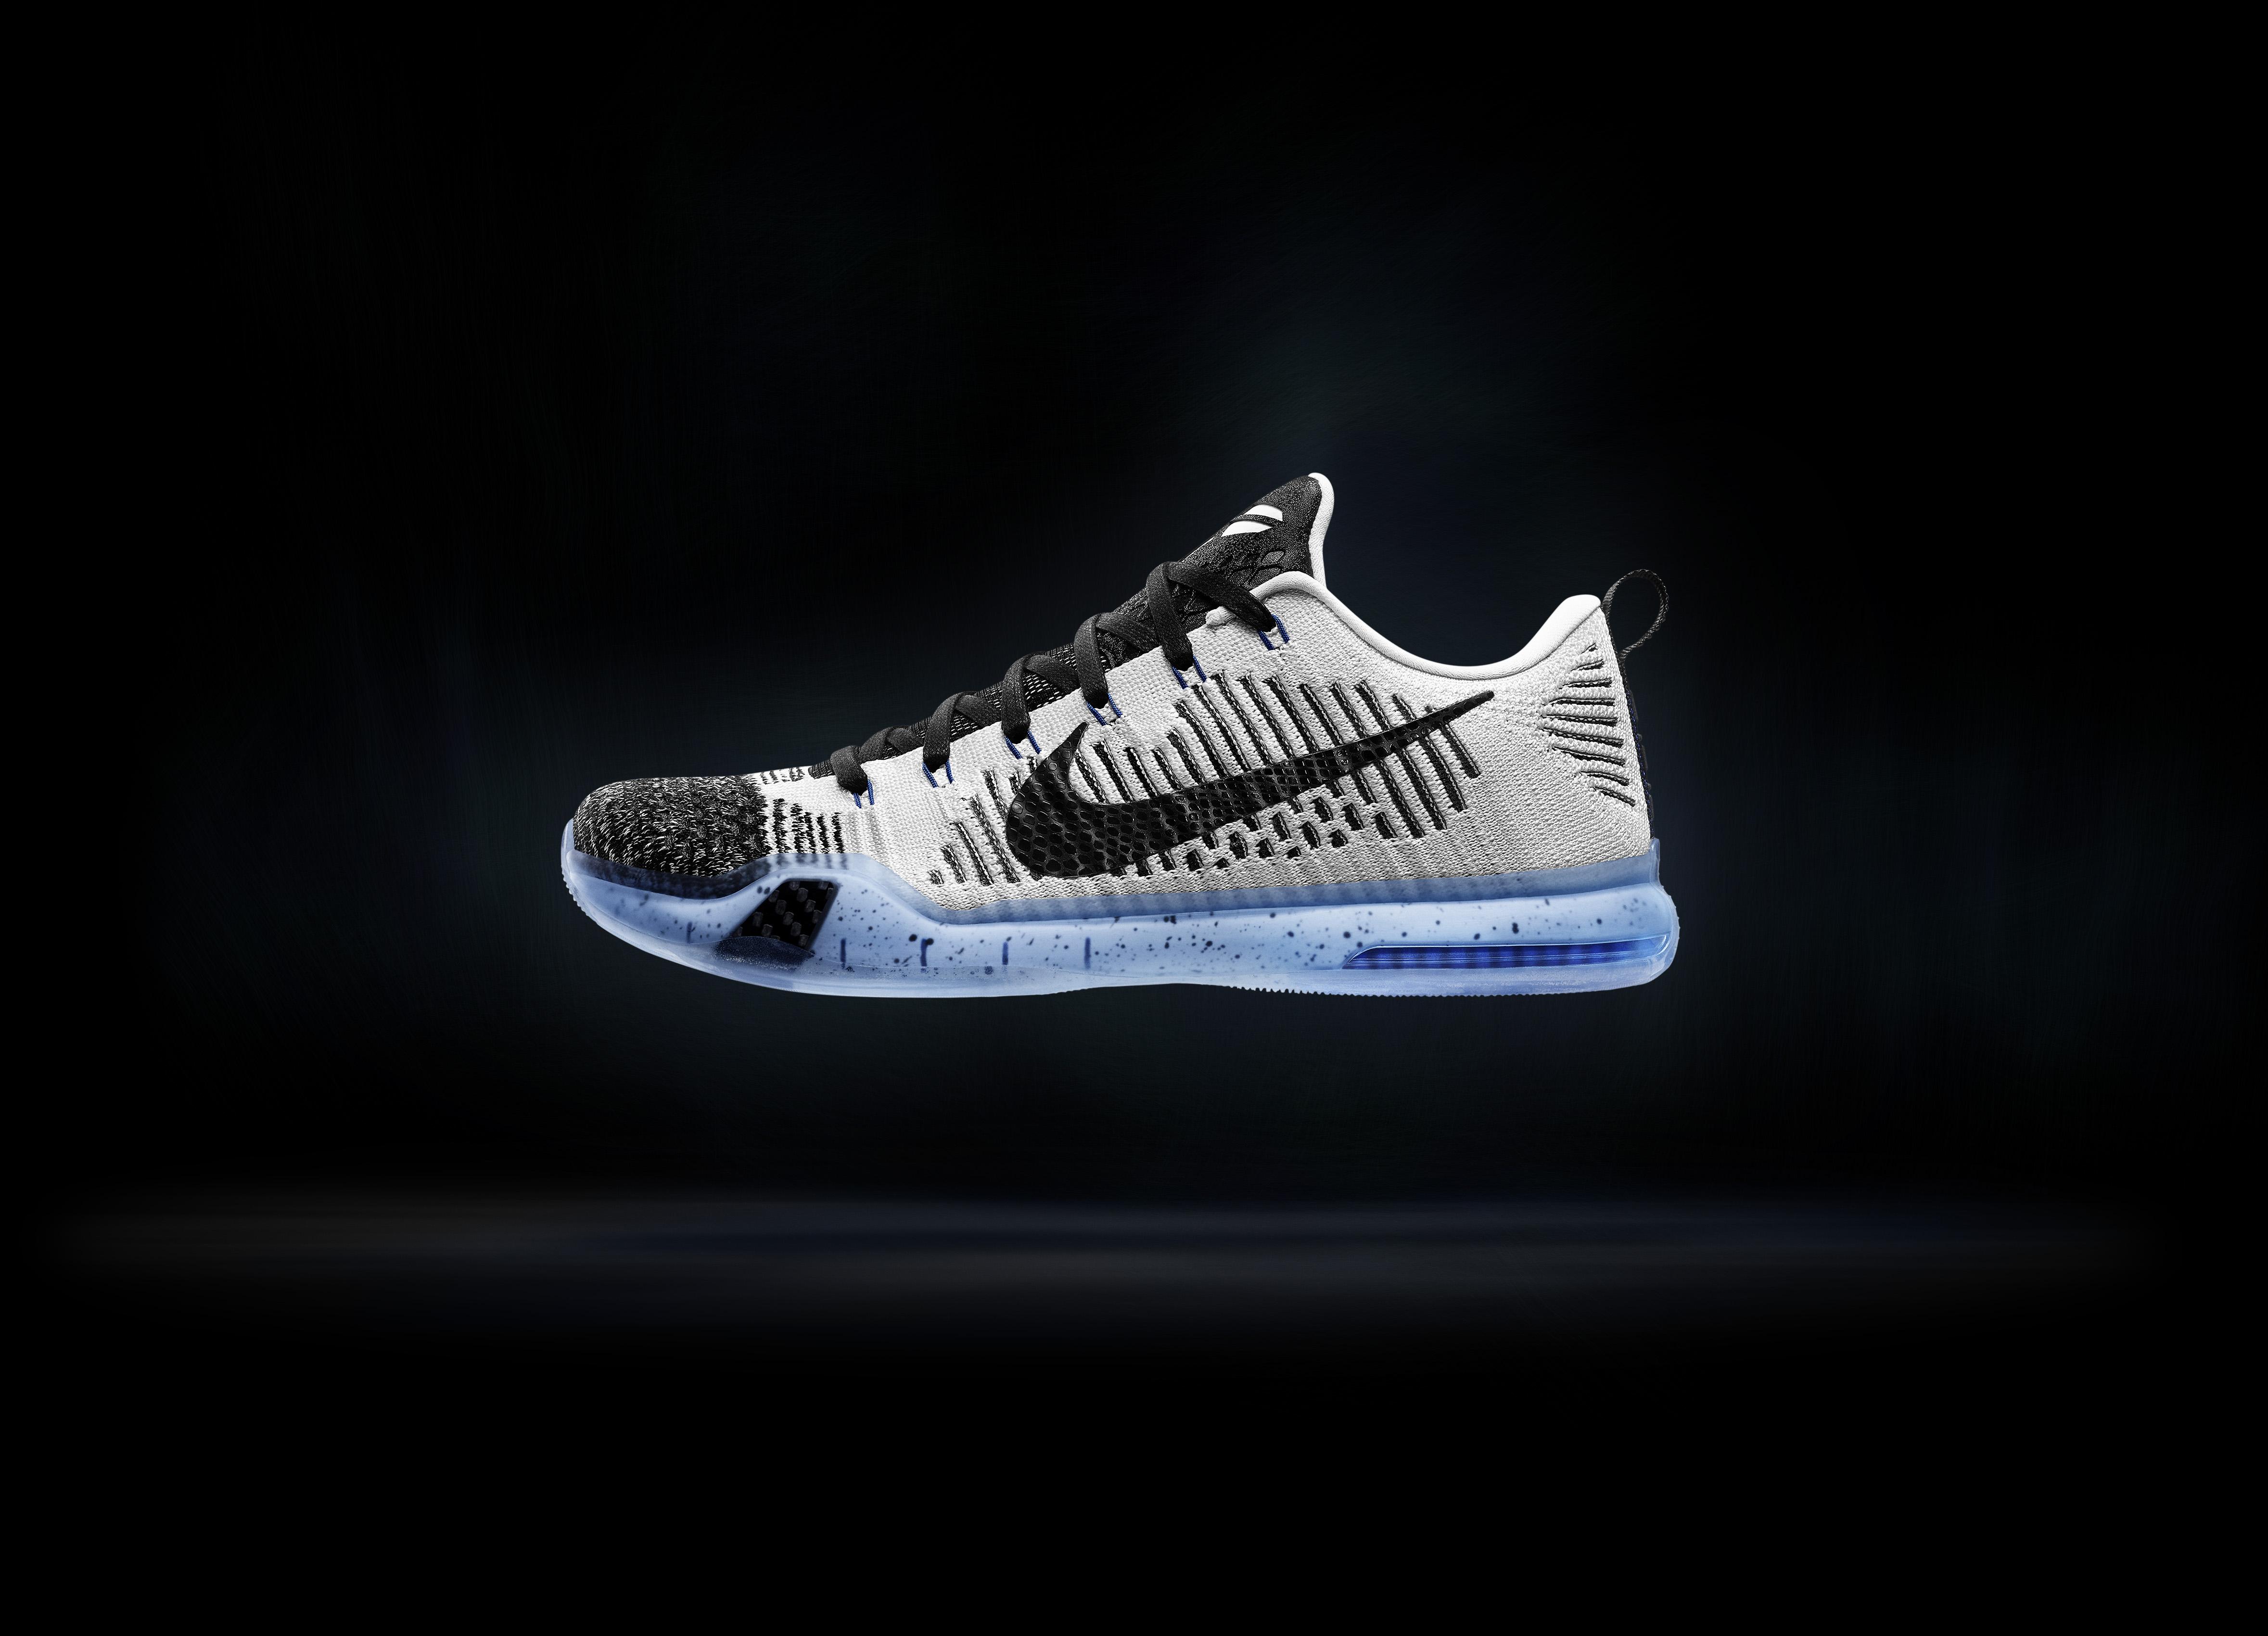 check out e86e2 a0a5a ... Nike Kobe X 10 Elite White Black Yellow .